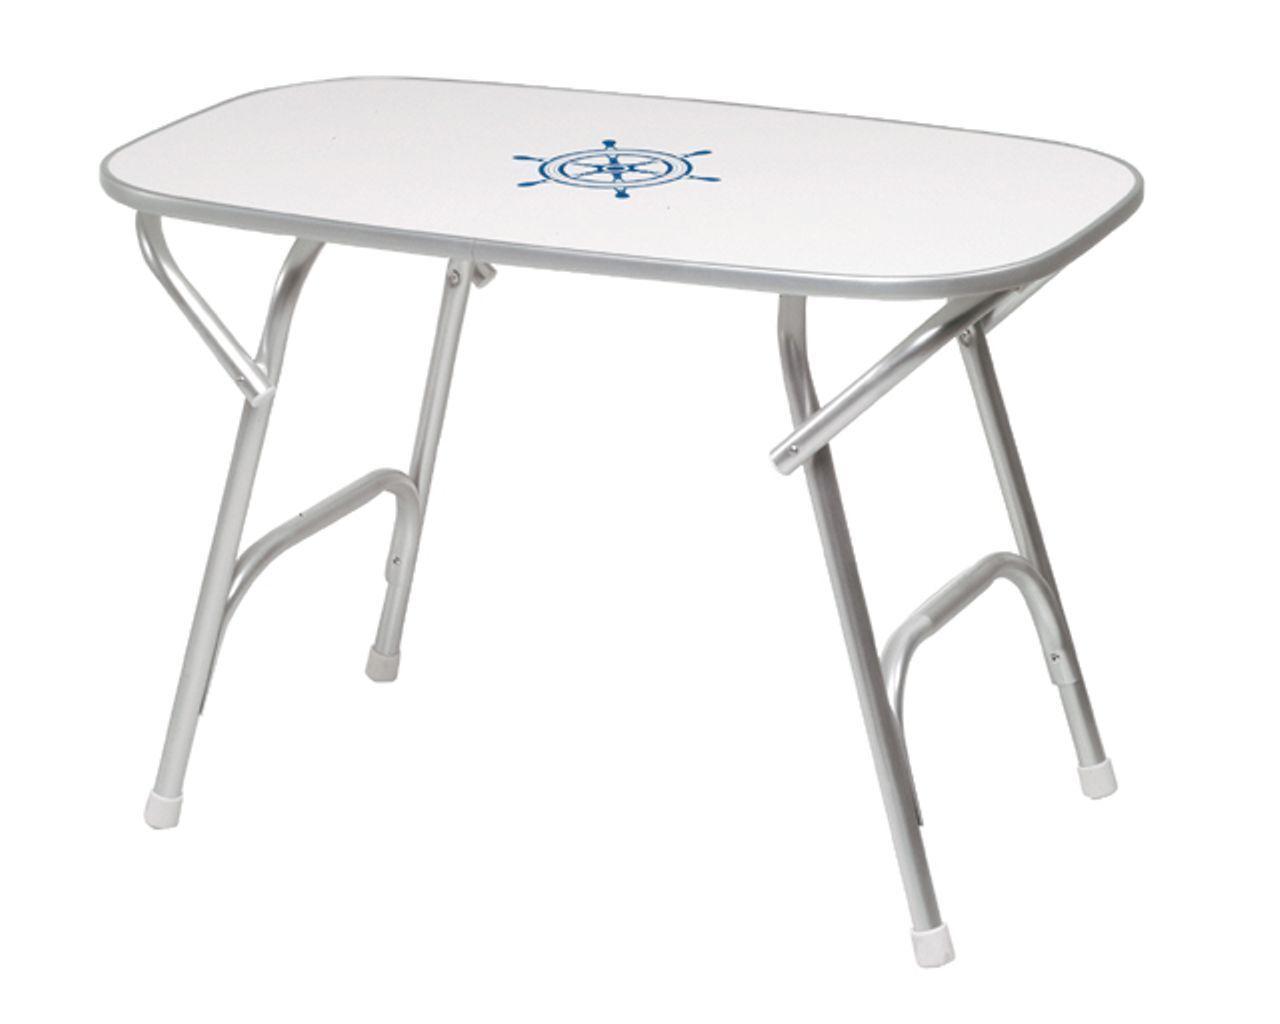 Forma Tavolo m450 RETTANGOLARE ALLUMINIO ANODIZZATI campeggio tavolo da giardino balcone BARCA